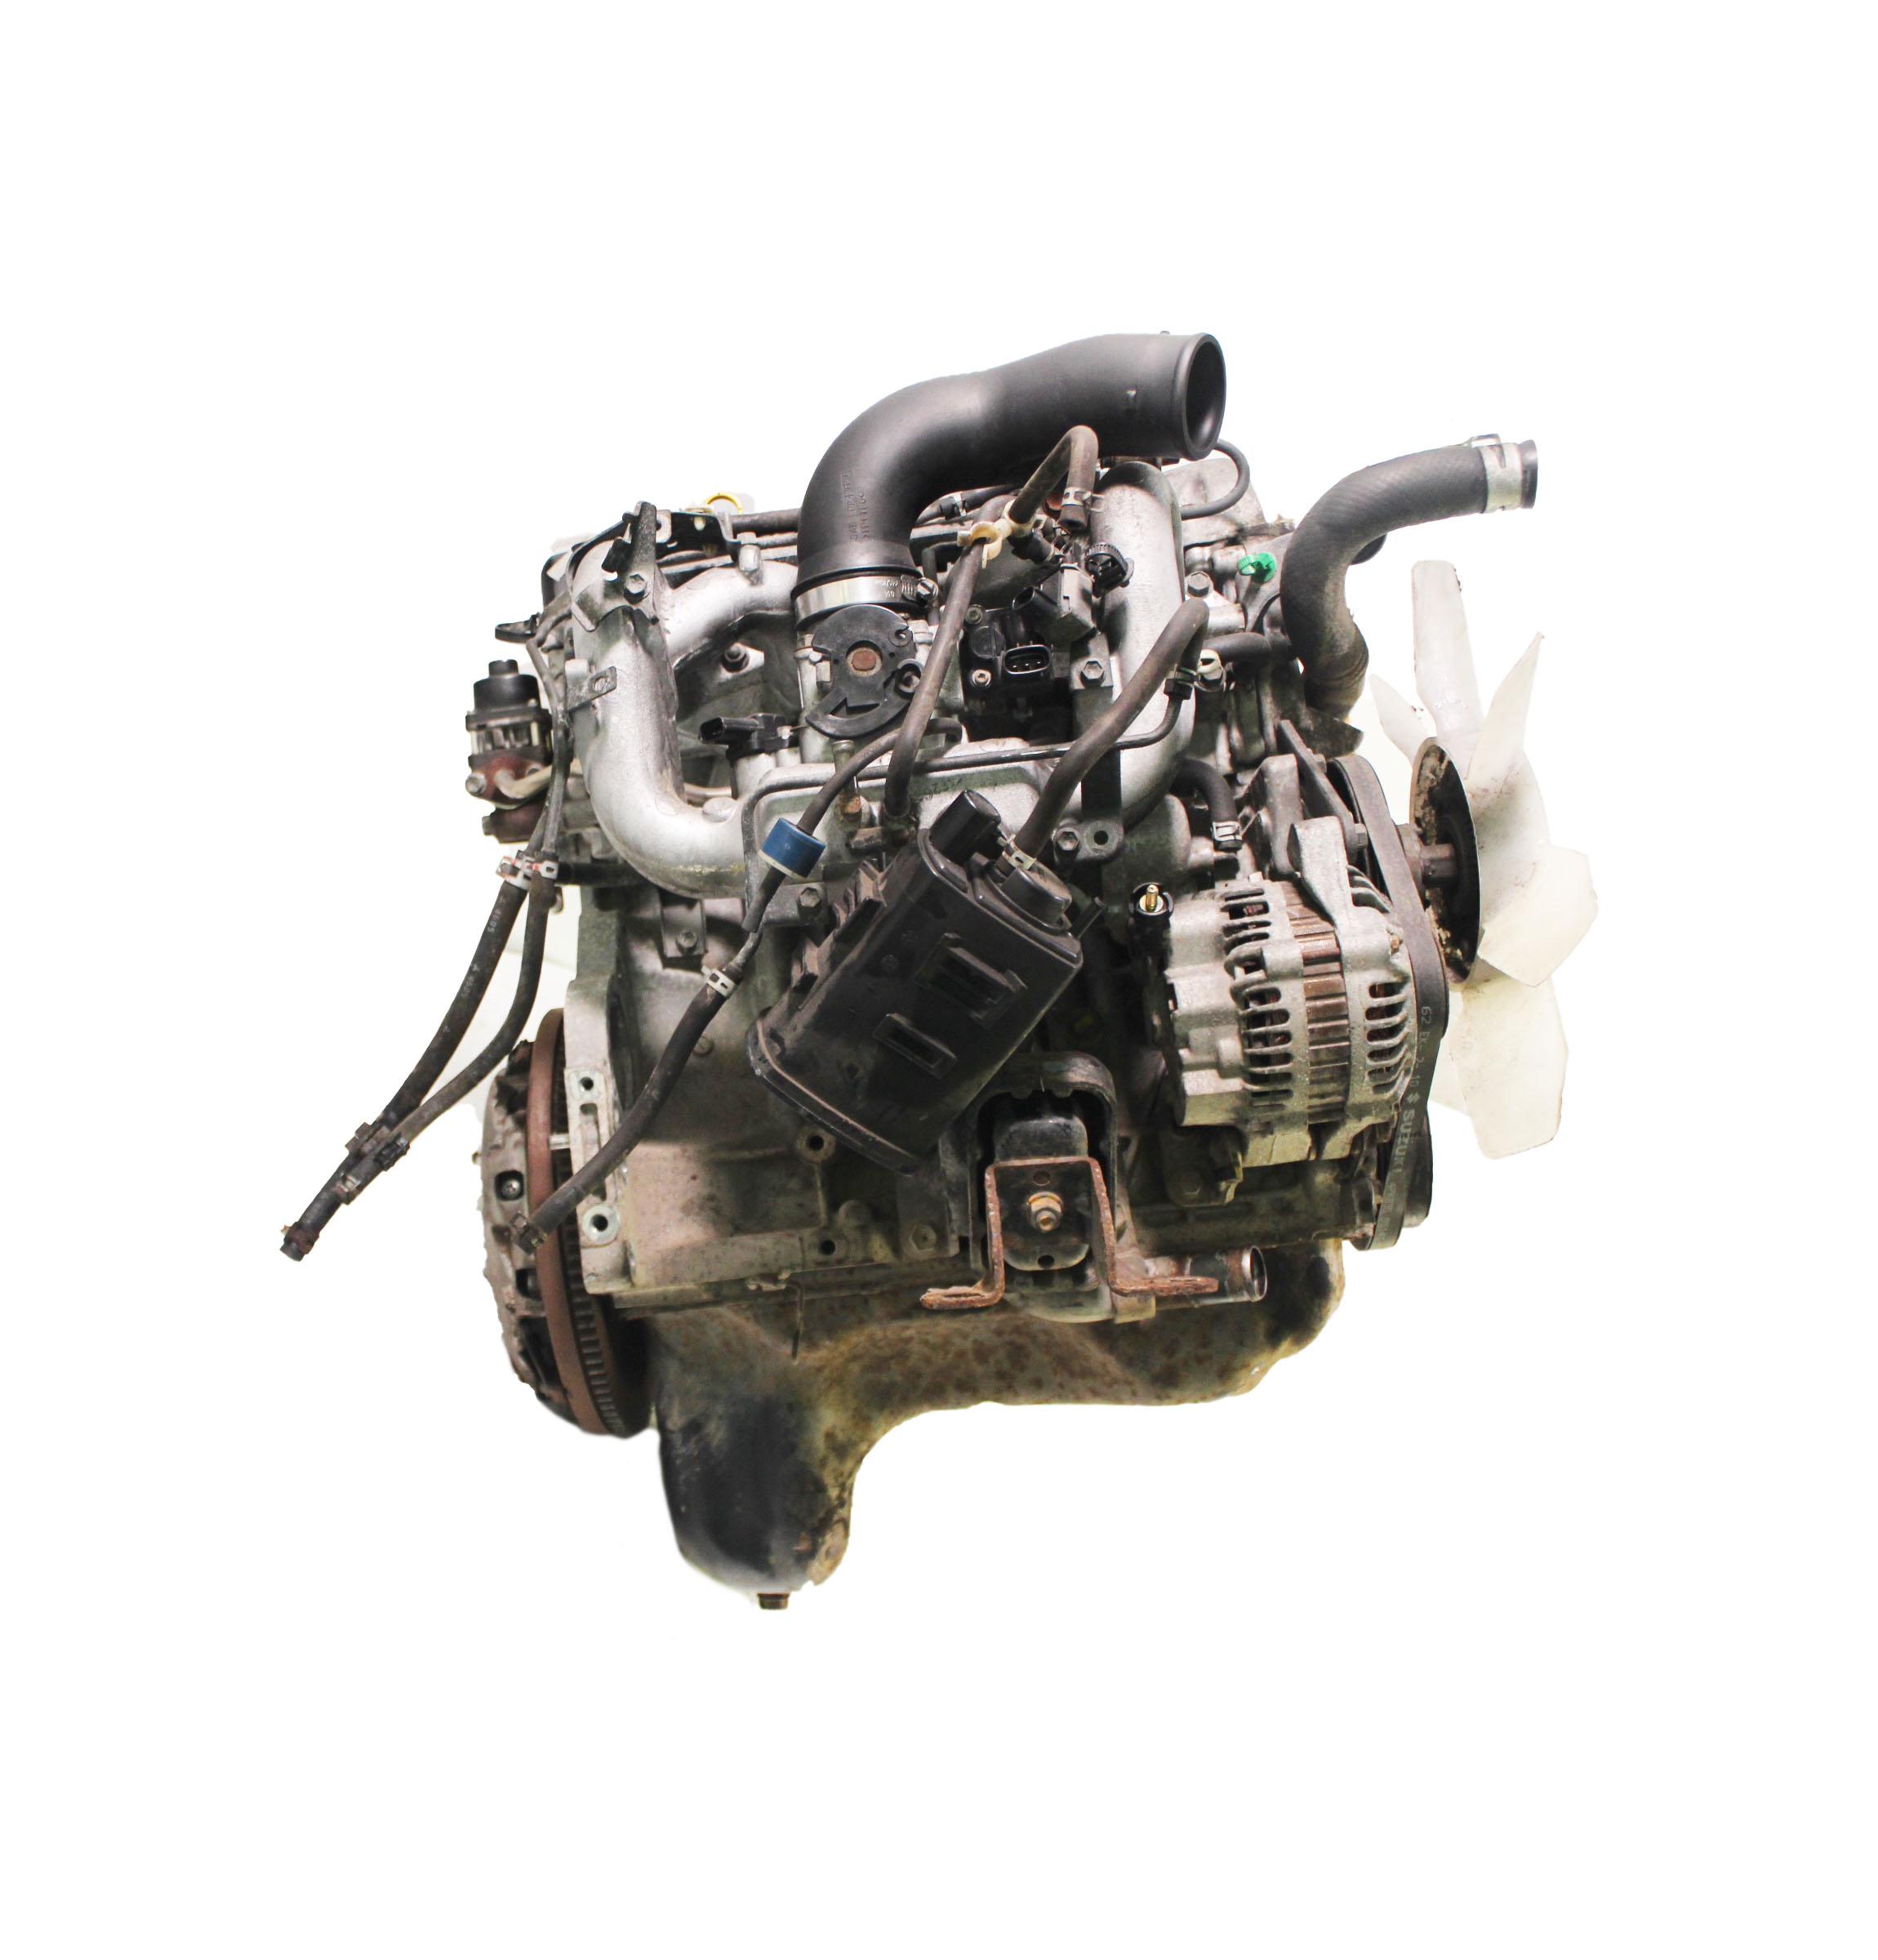 Motor für Suzuki Jimny 1,3 Benzin M13A